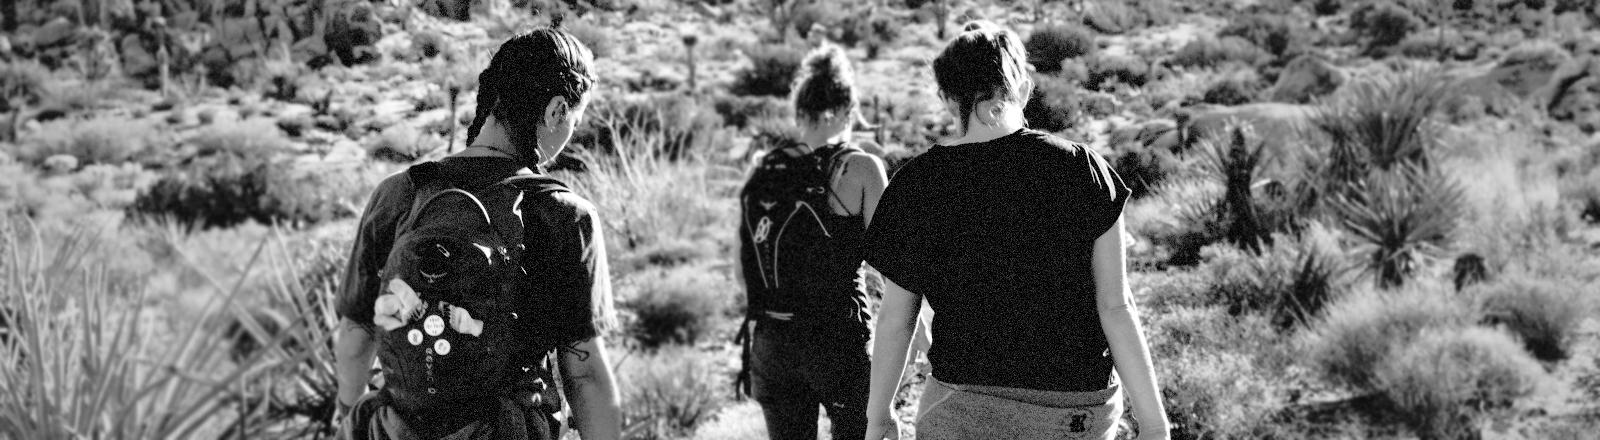 Drei Mädchen laufen über ein Feld.